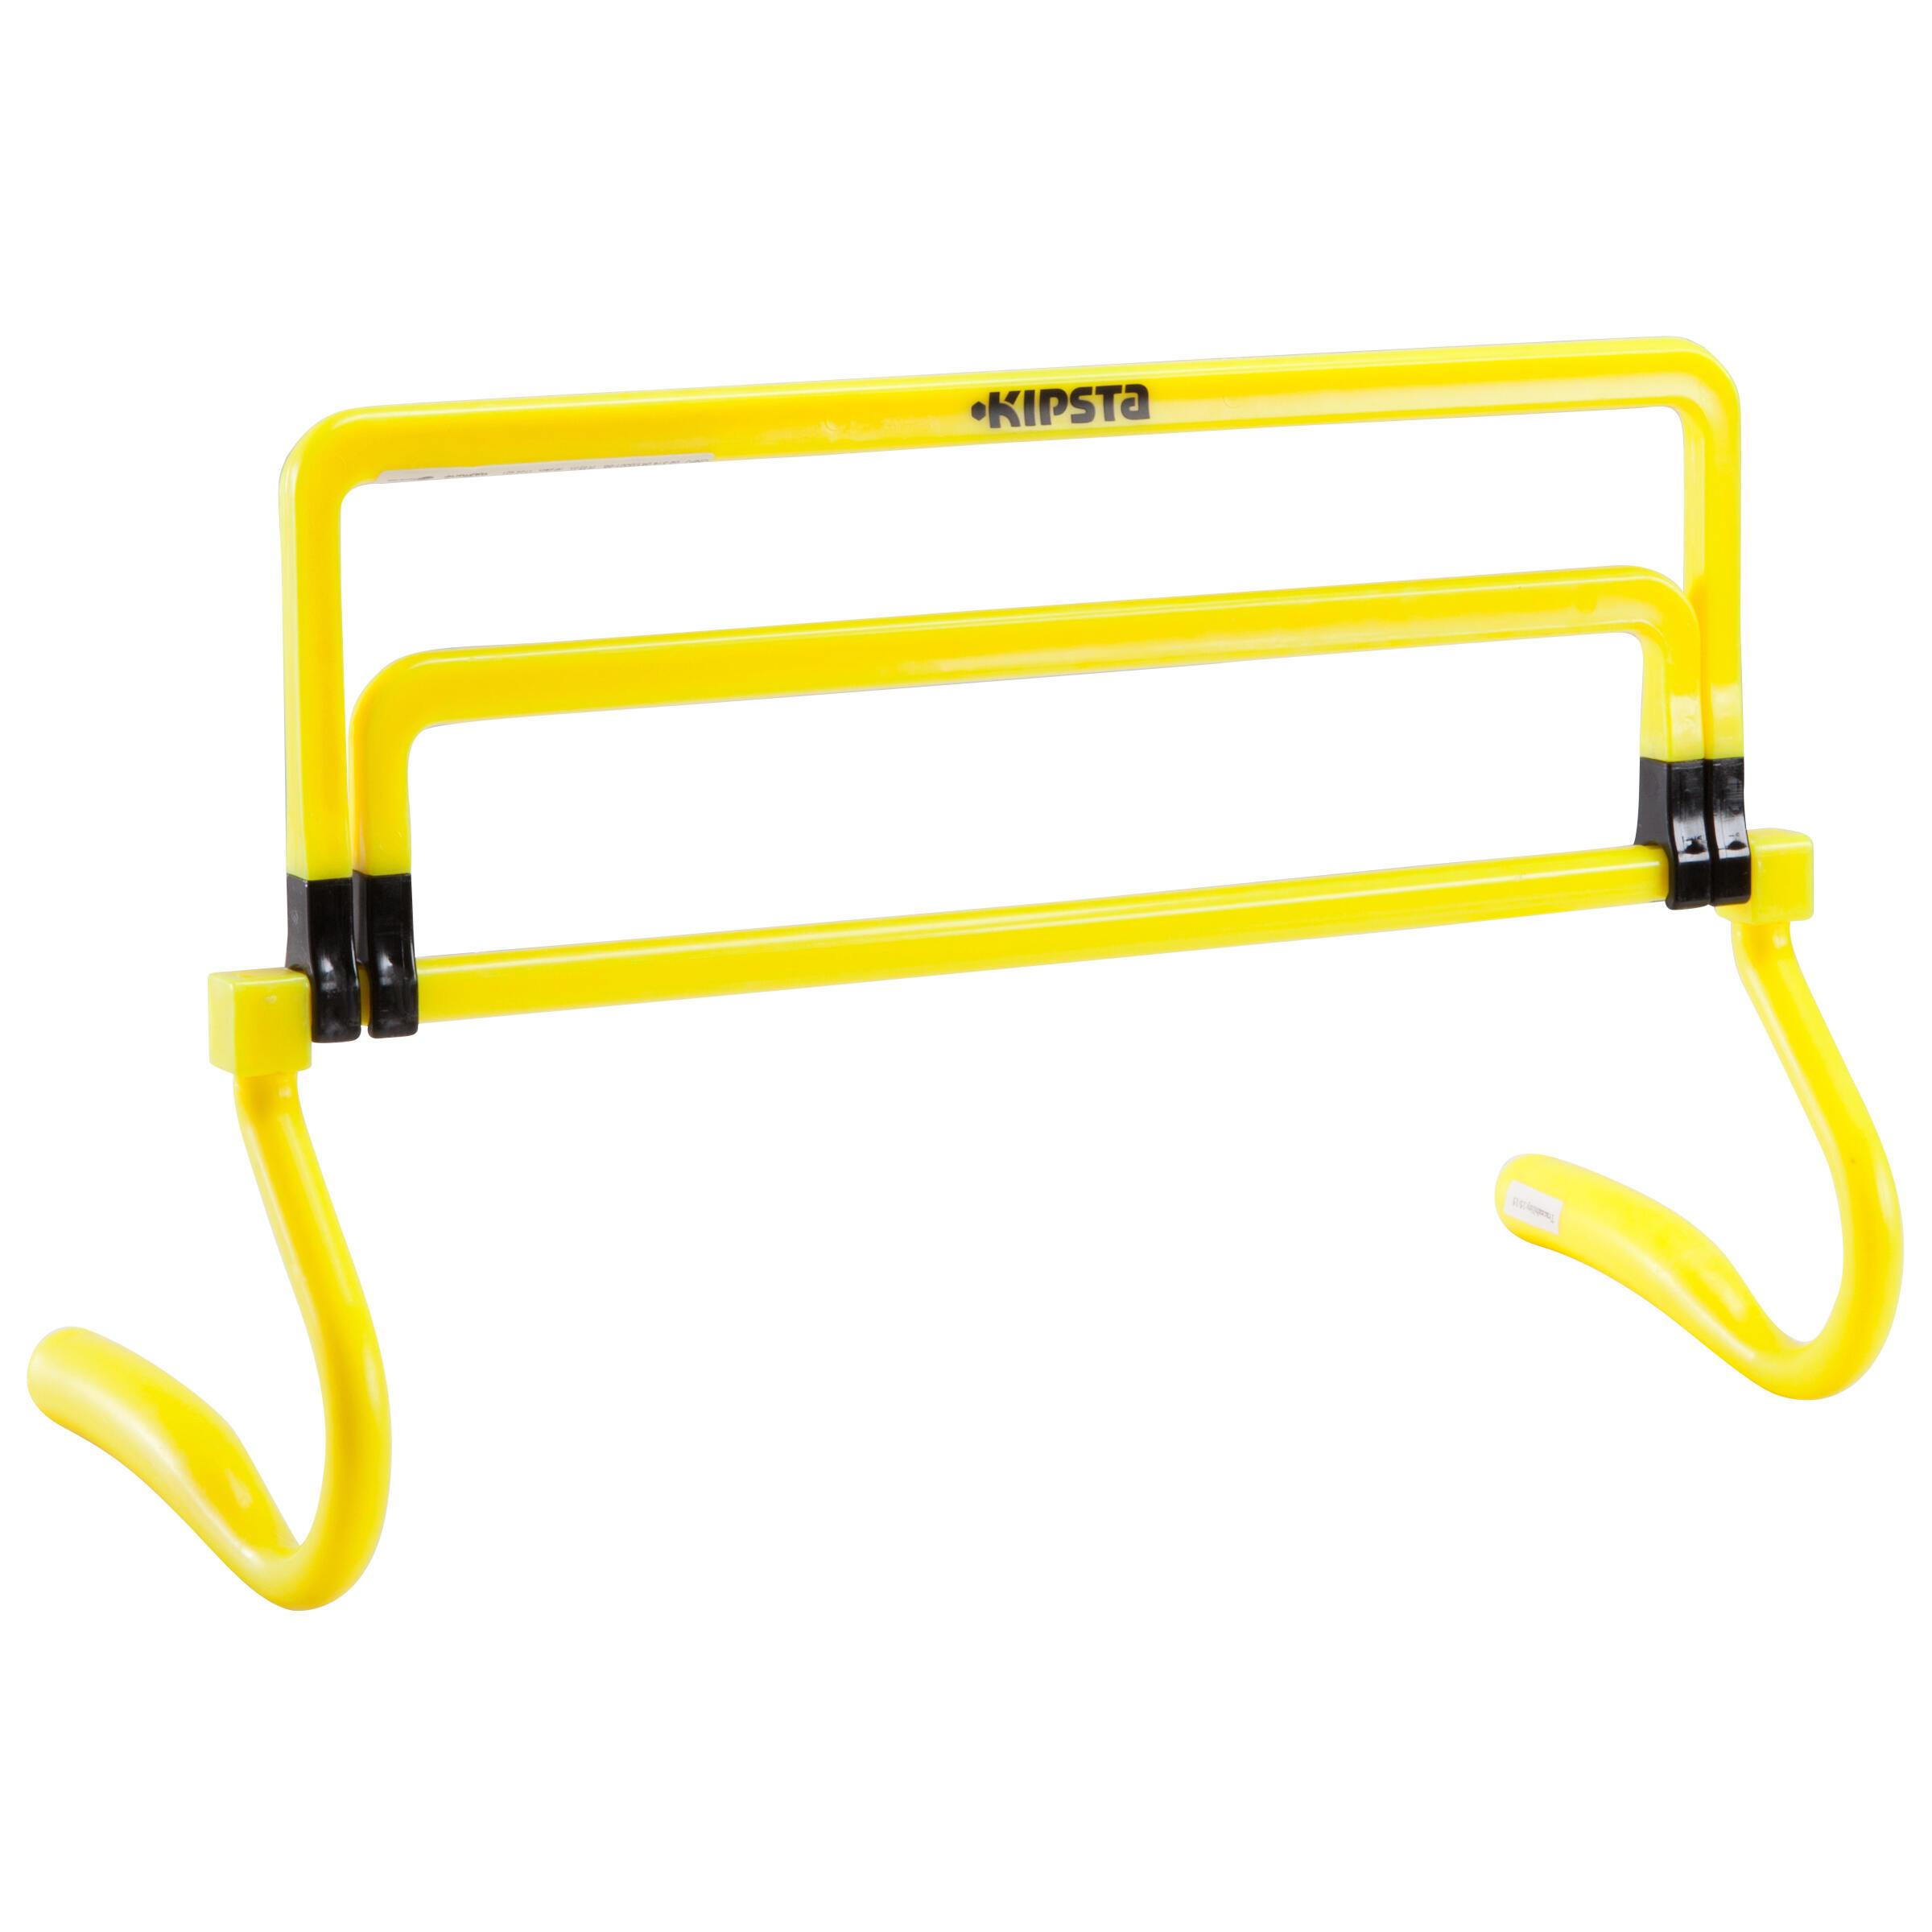 Damen,Herren,Jungen,Kinder Trainingshürde Koordinationshürde in 3 Höhen verstellbar gelb | 03583788687320